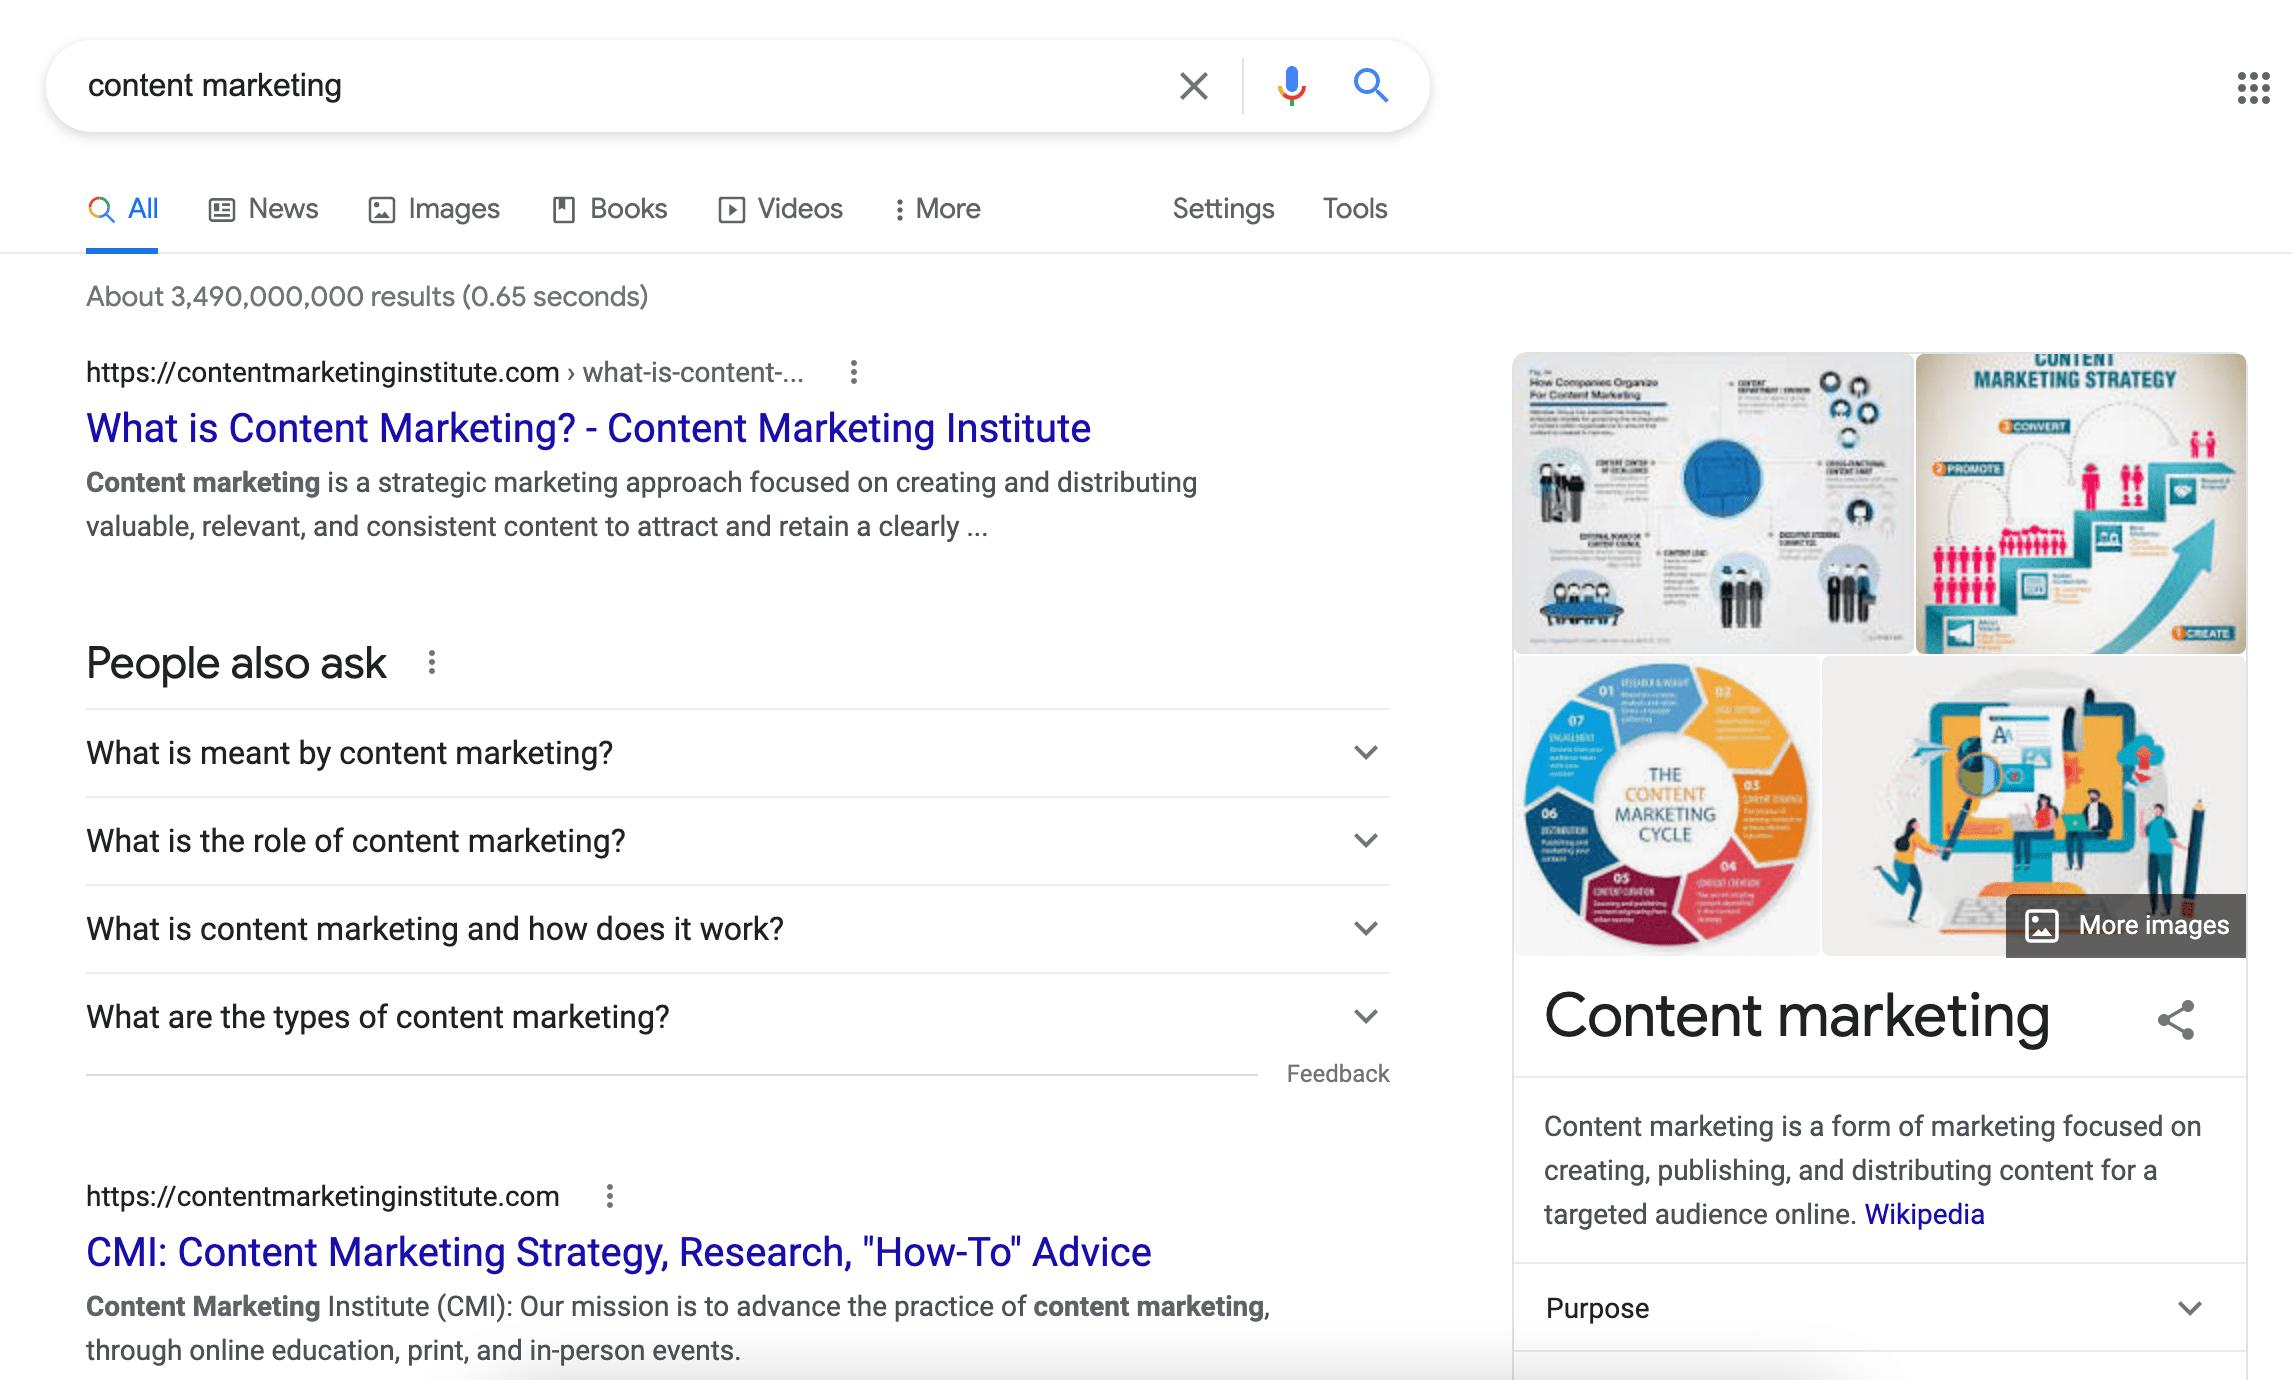 risultati di ricerca correlati alla definizione per il termine content marketing